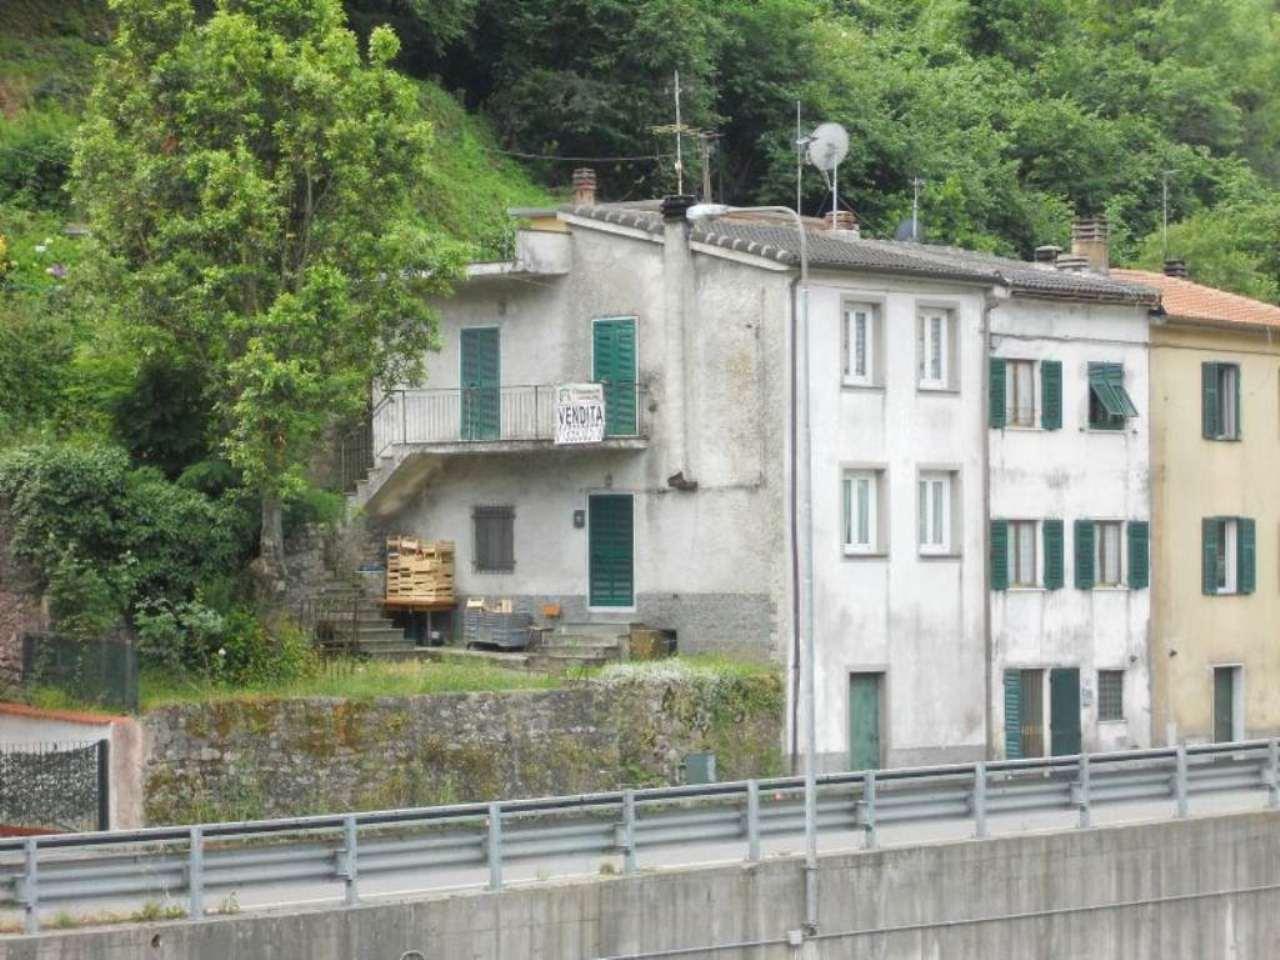 Soluzione Indipendente in vendita a Carasco, 4 locali, prezzo € 59.000 | CambioCasa.it